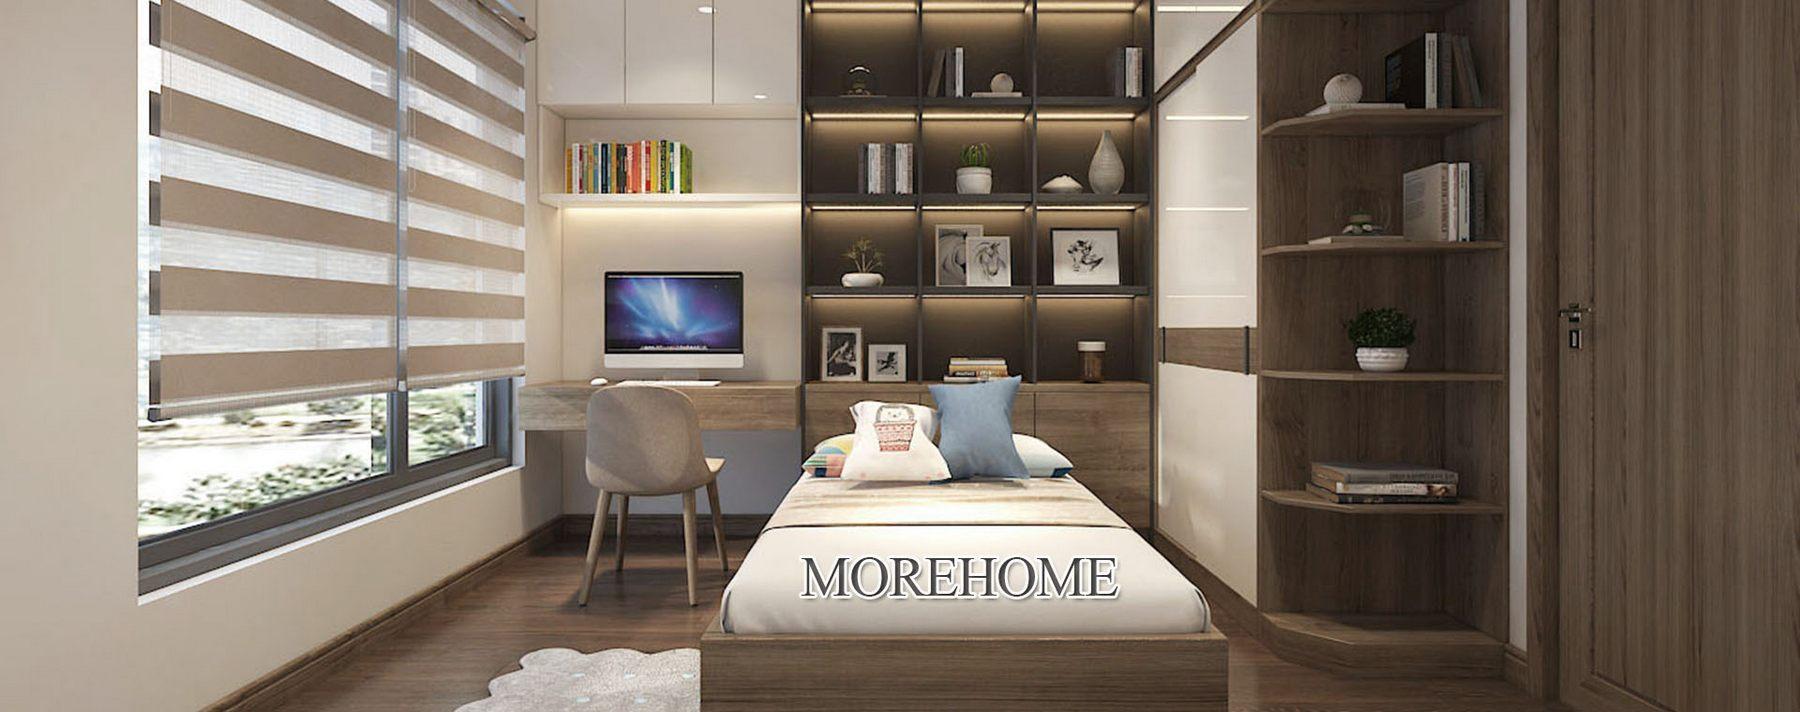 Thiết kế nội thất chung cư An Bình city Bắc Từ Liêm Hà Nội